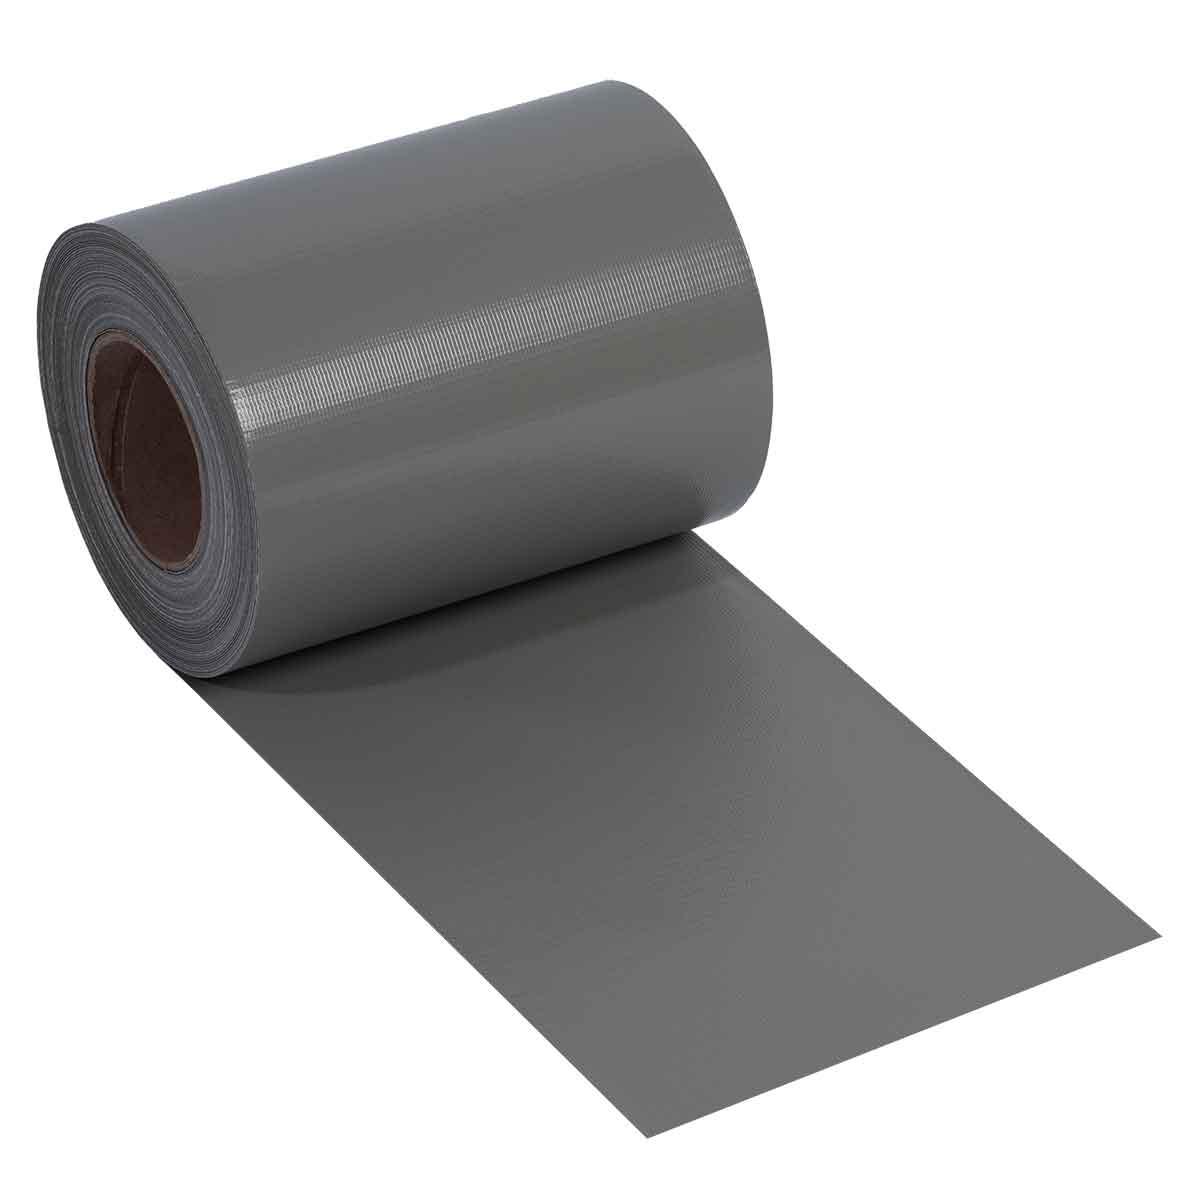 Sichtschutz / Zaunblende PVC Noor 0,19x35m steingrau Bild 1